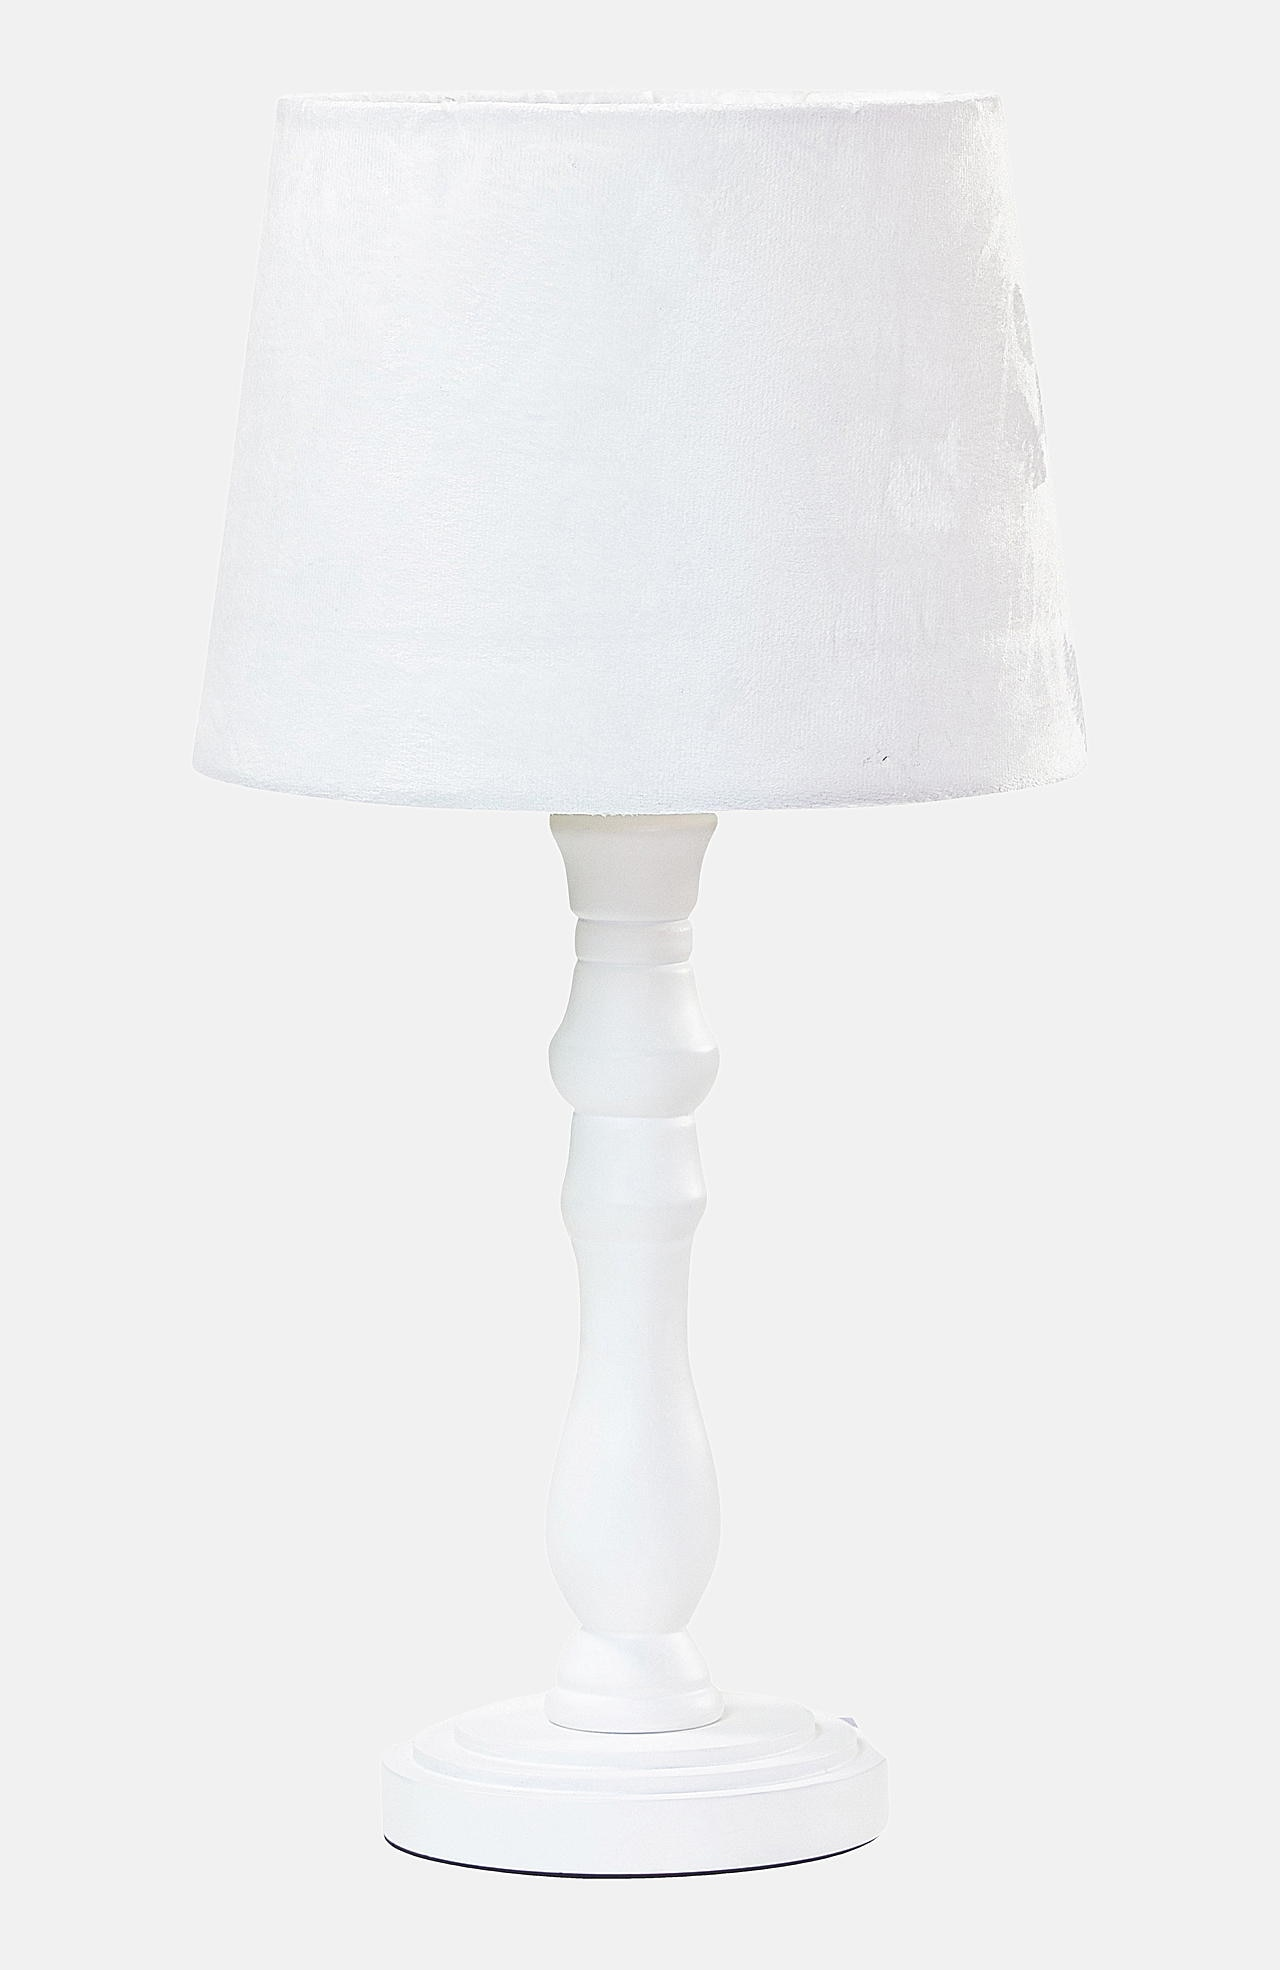 Galda lampa Elin no koka/samta